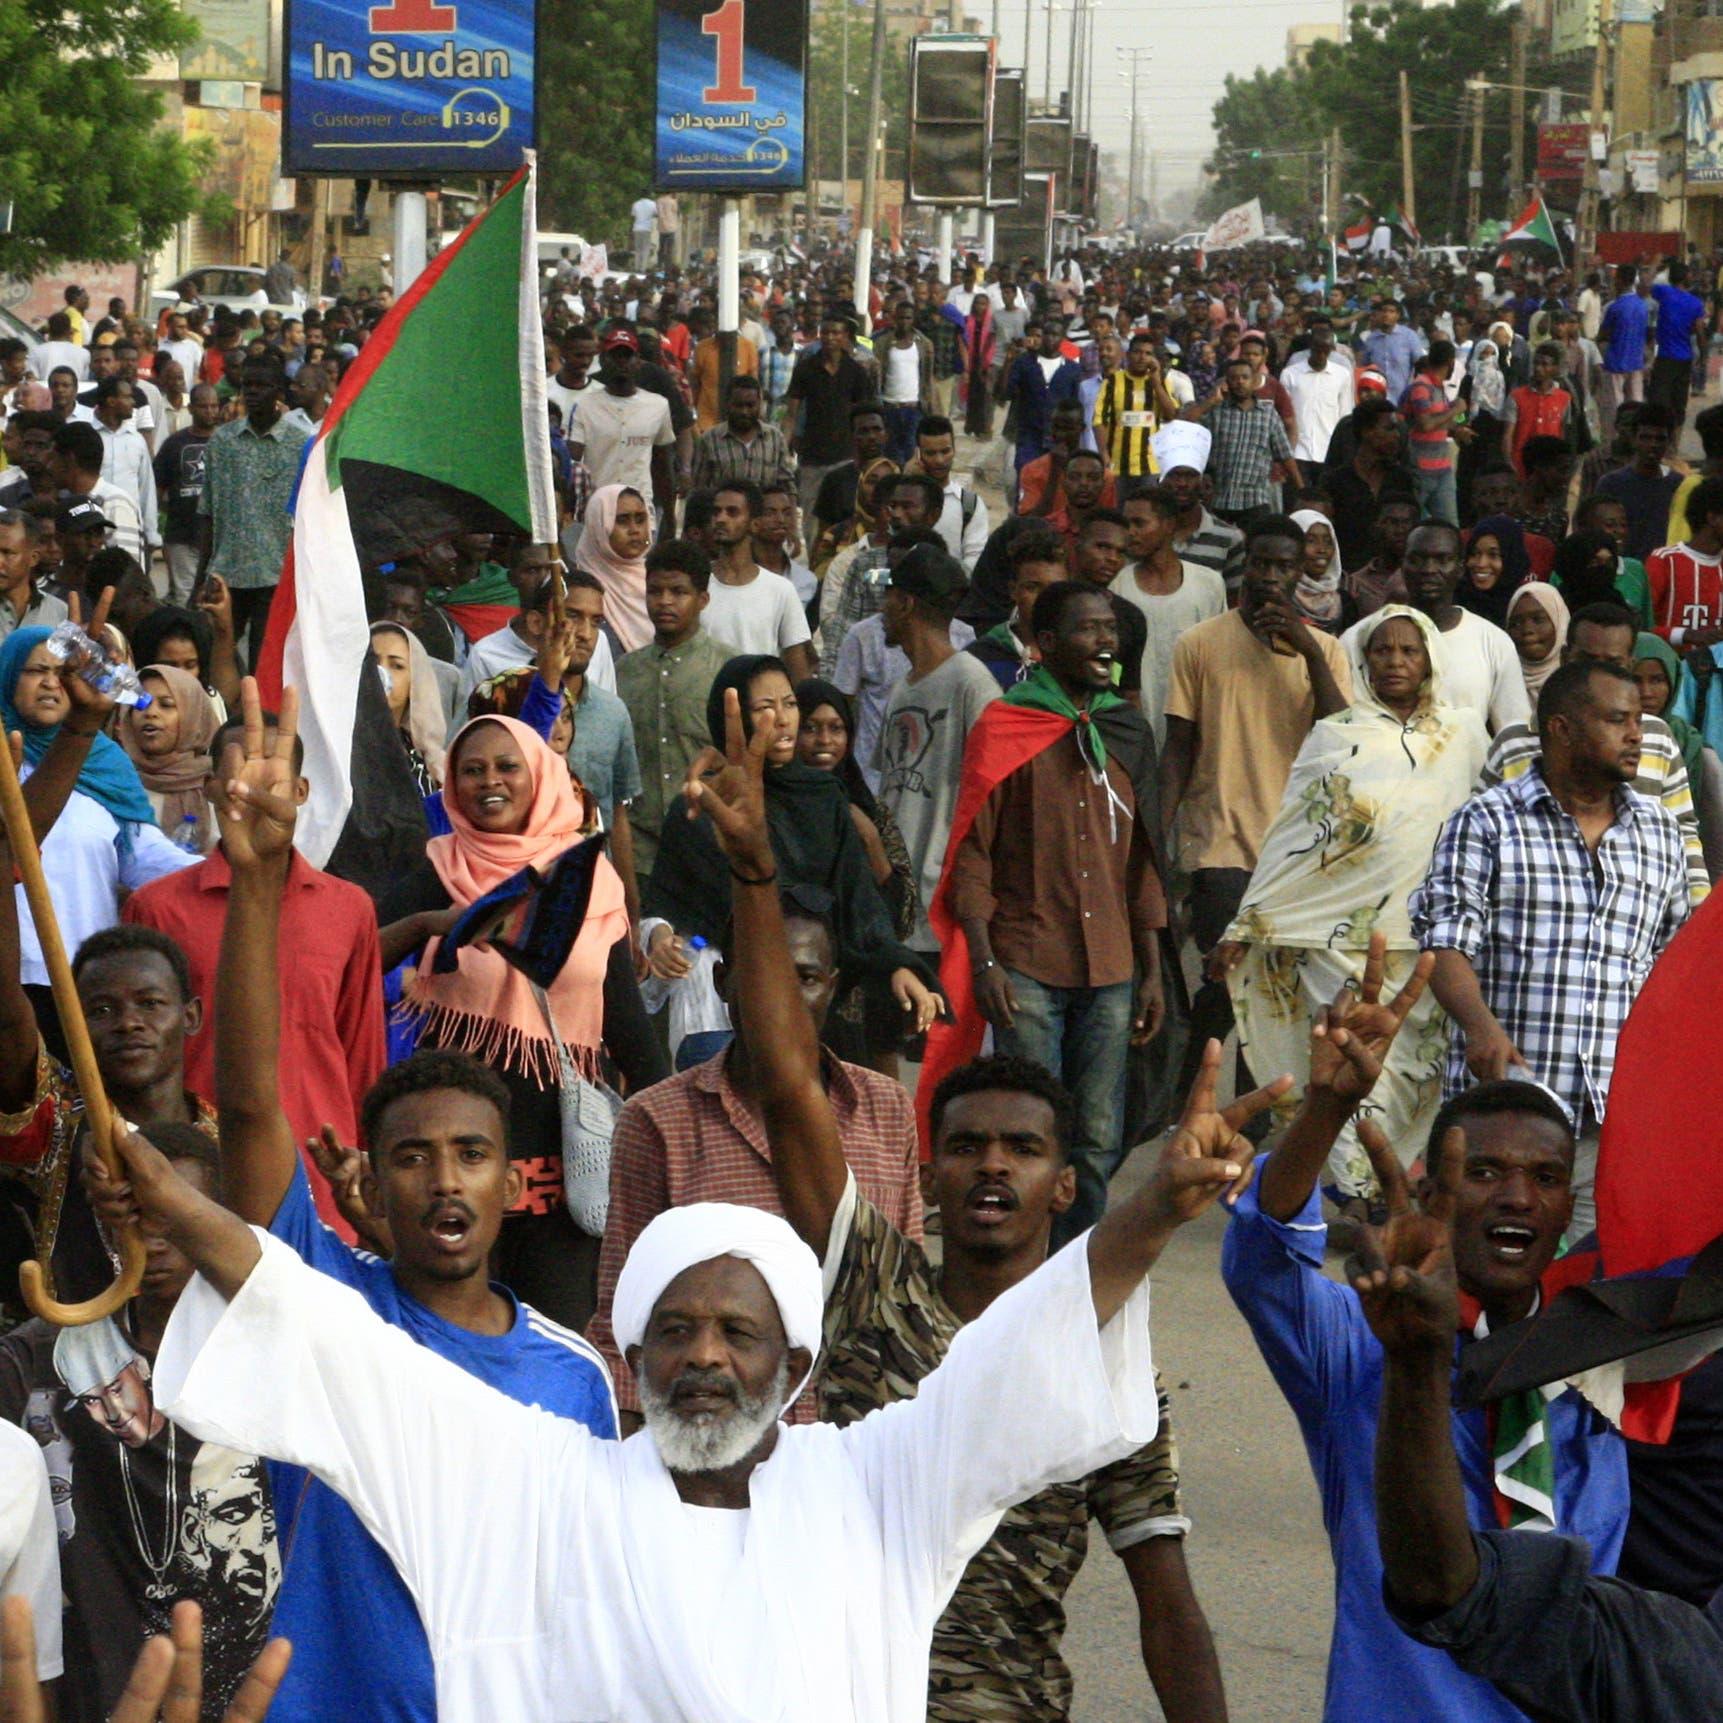 السودان.. معتقلو التظاهرات إلى الحرية والحوار يتواصل